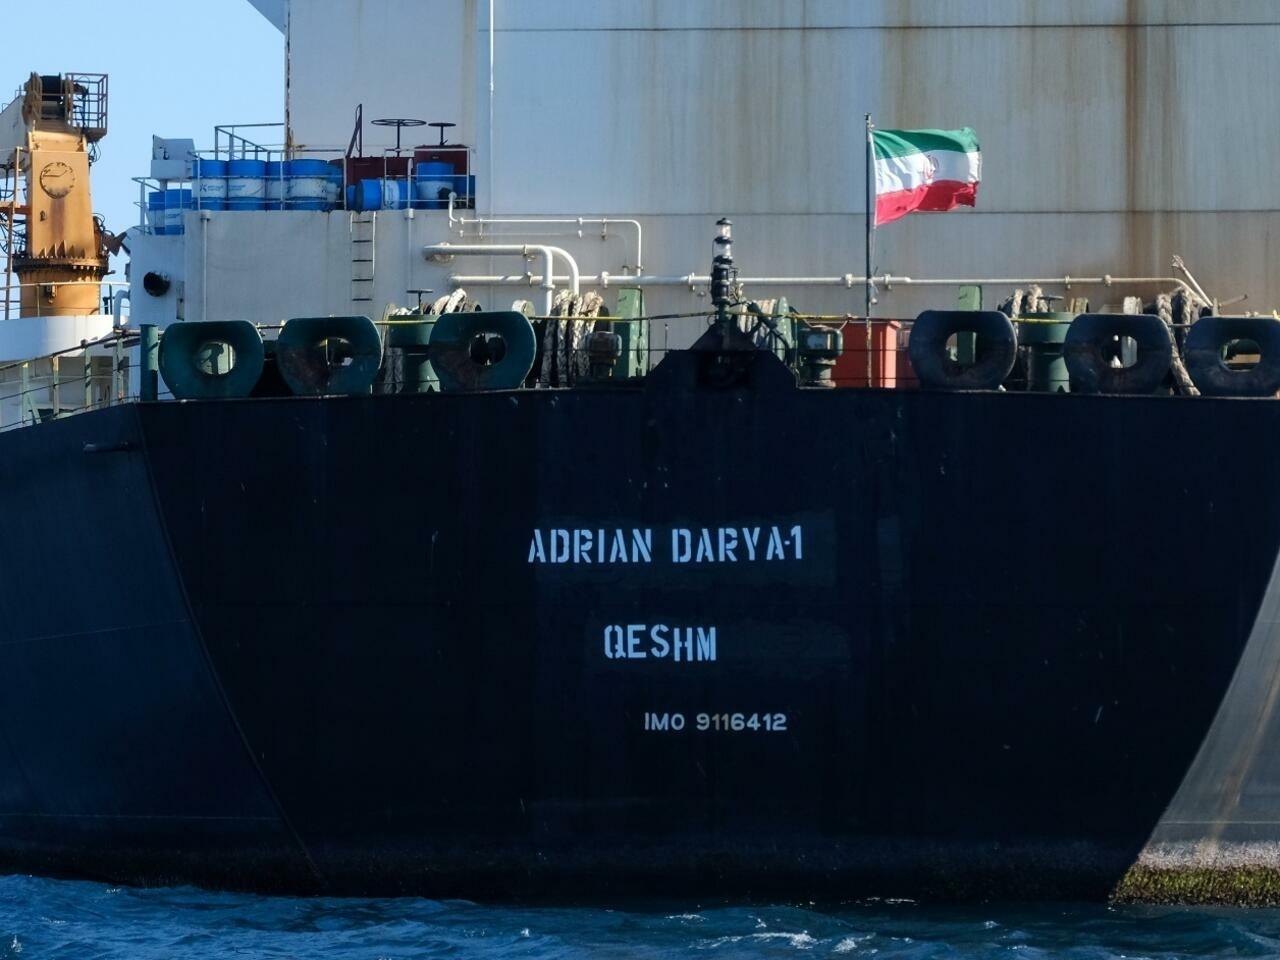 طهران تتوعد تل أبيب أي خطأ إسرائيلي تجاه السفن الإيرانية سيواجه برد ثنائي ;إيراني  لبناني;